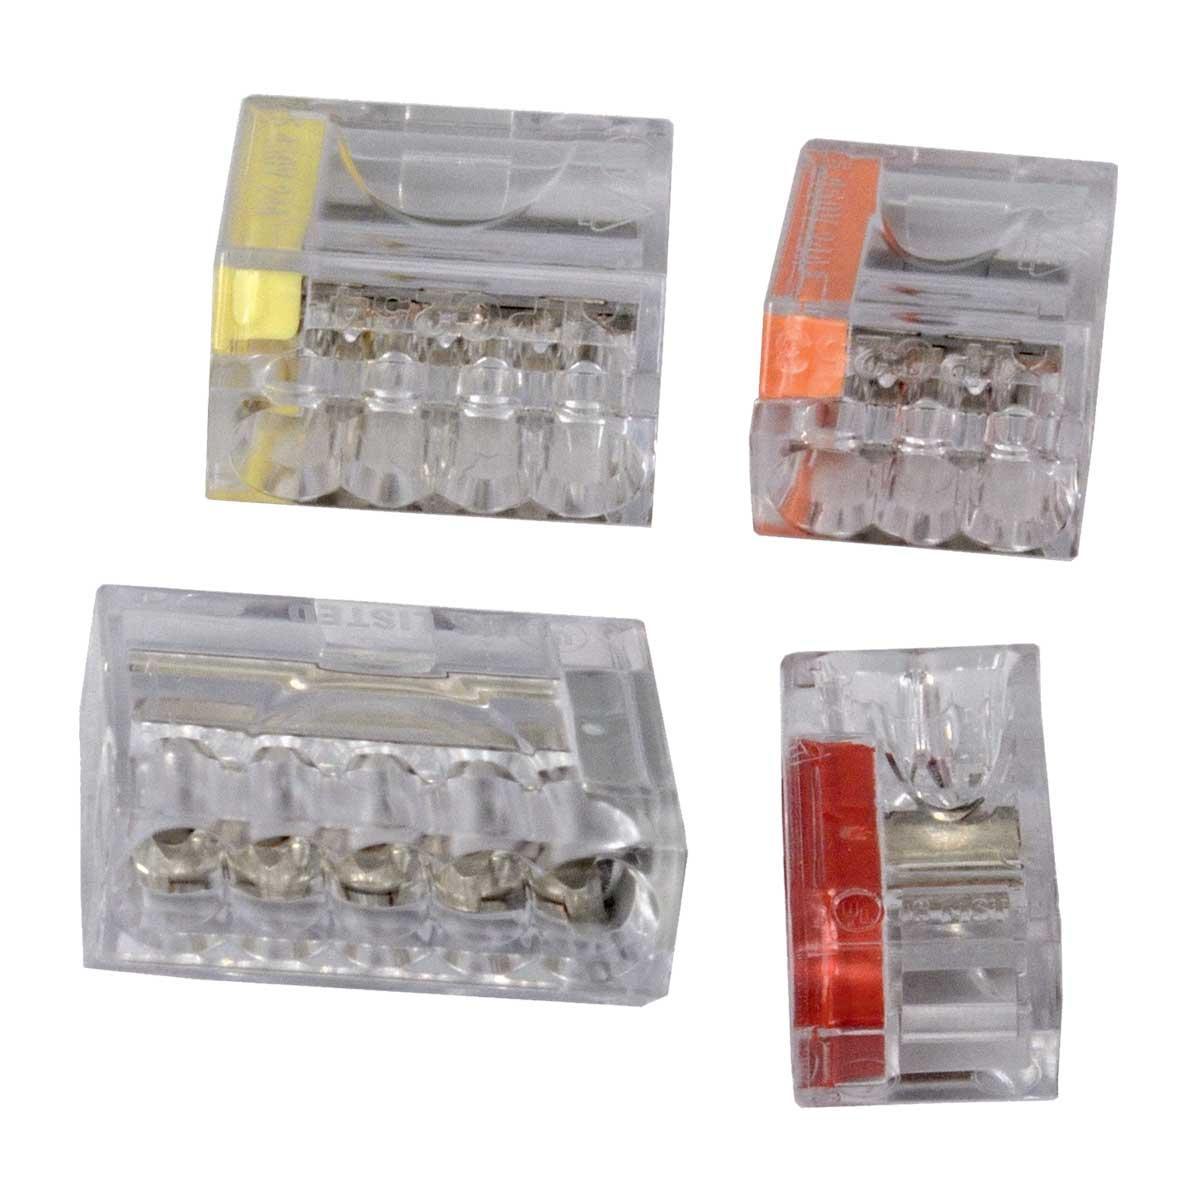 Клемник  5х2,5 мм; напруга до 400 V; січення кабелю до 2,5мм;  ток до 16А